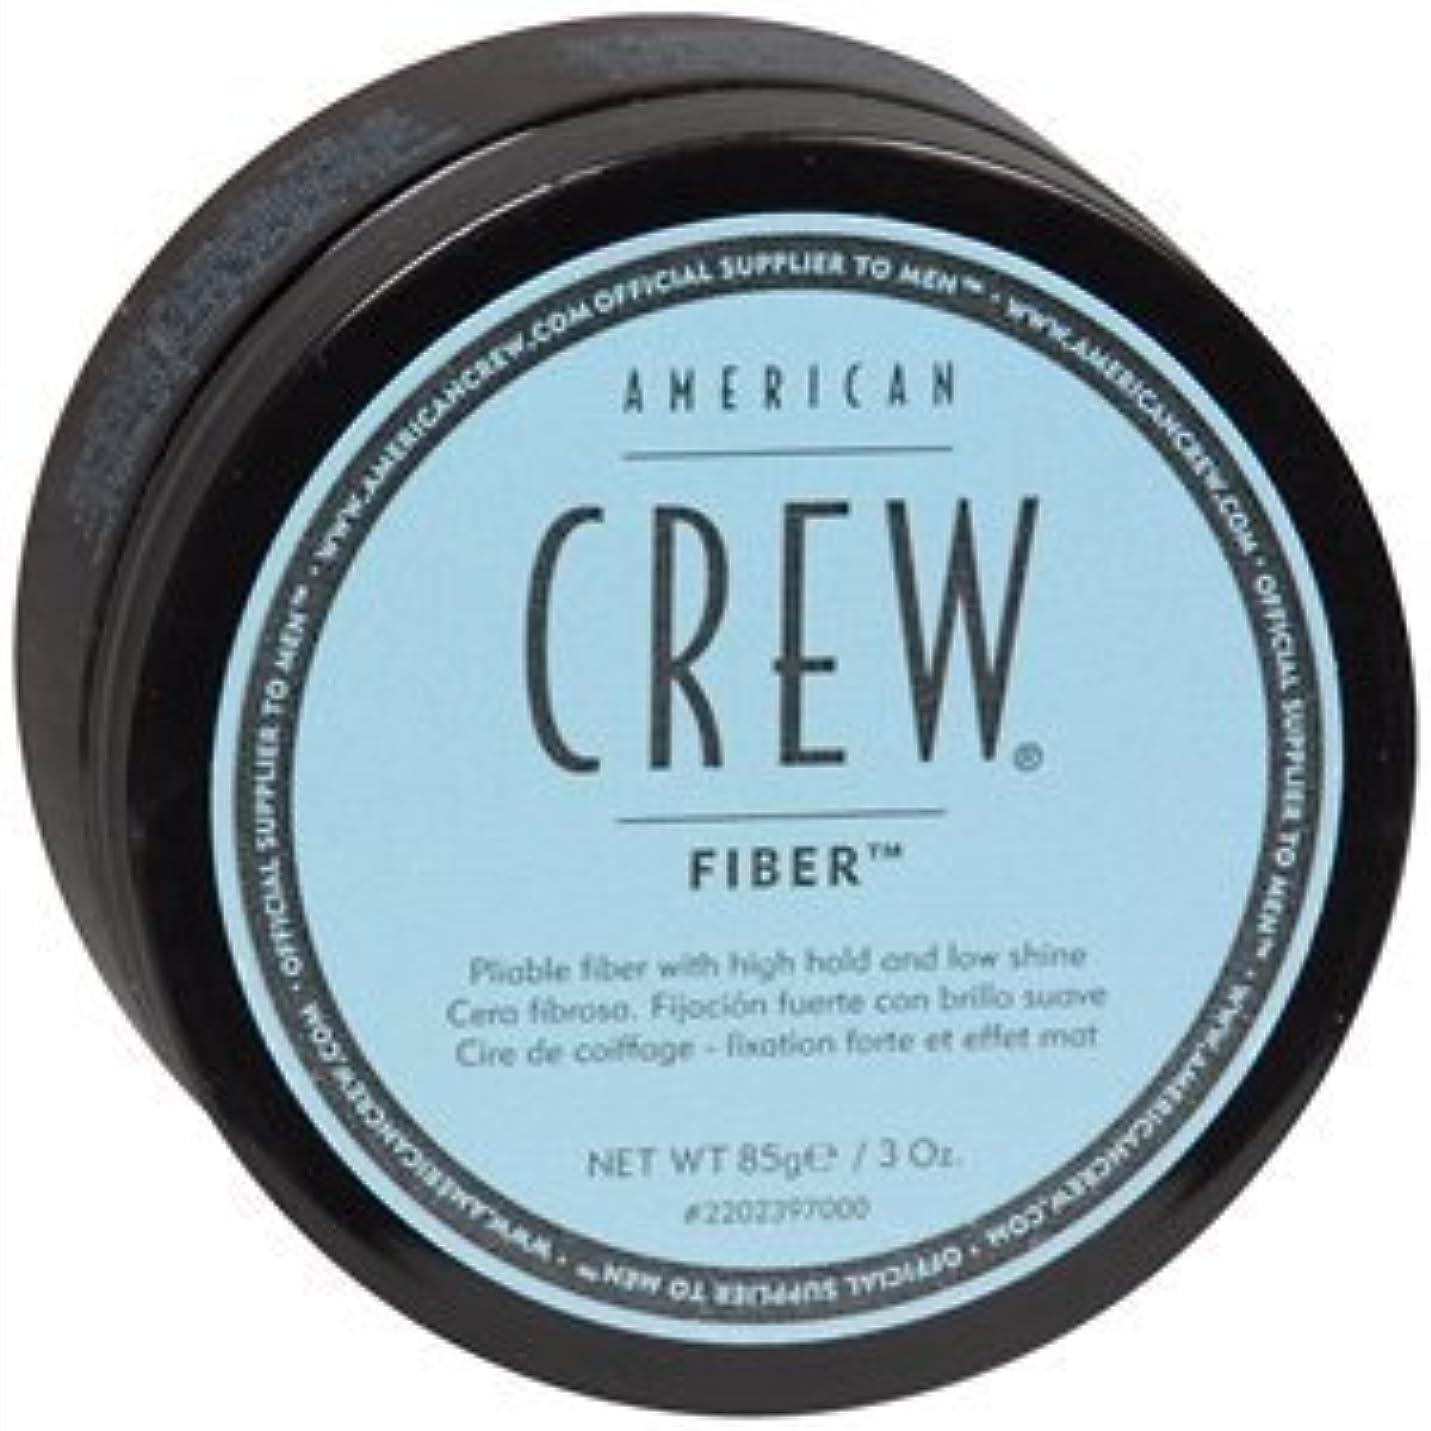 言い訳ヨーグルト地味なAmerican Crew Fiber for Hold & Shine 3 oz (85 g) by AB [並行輸入品]